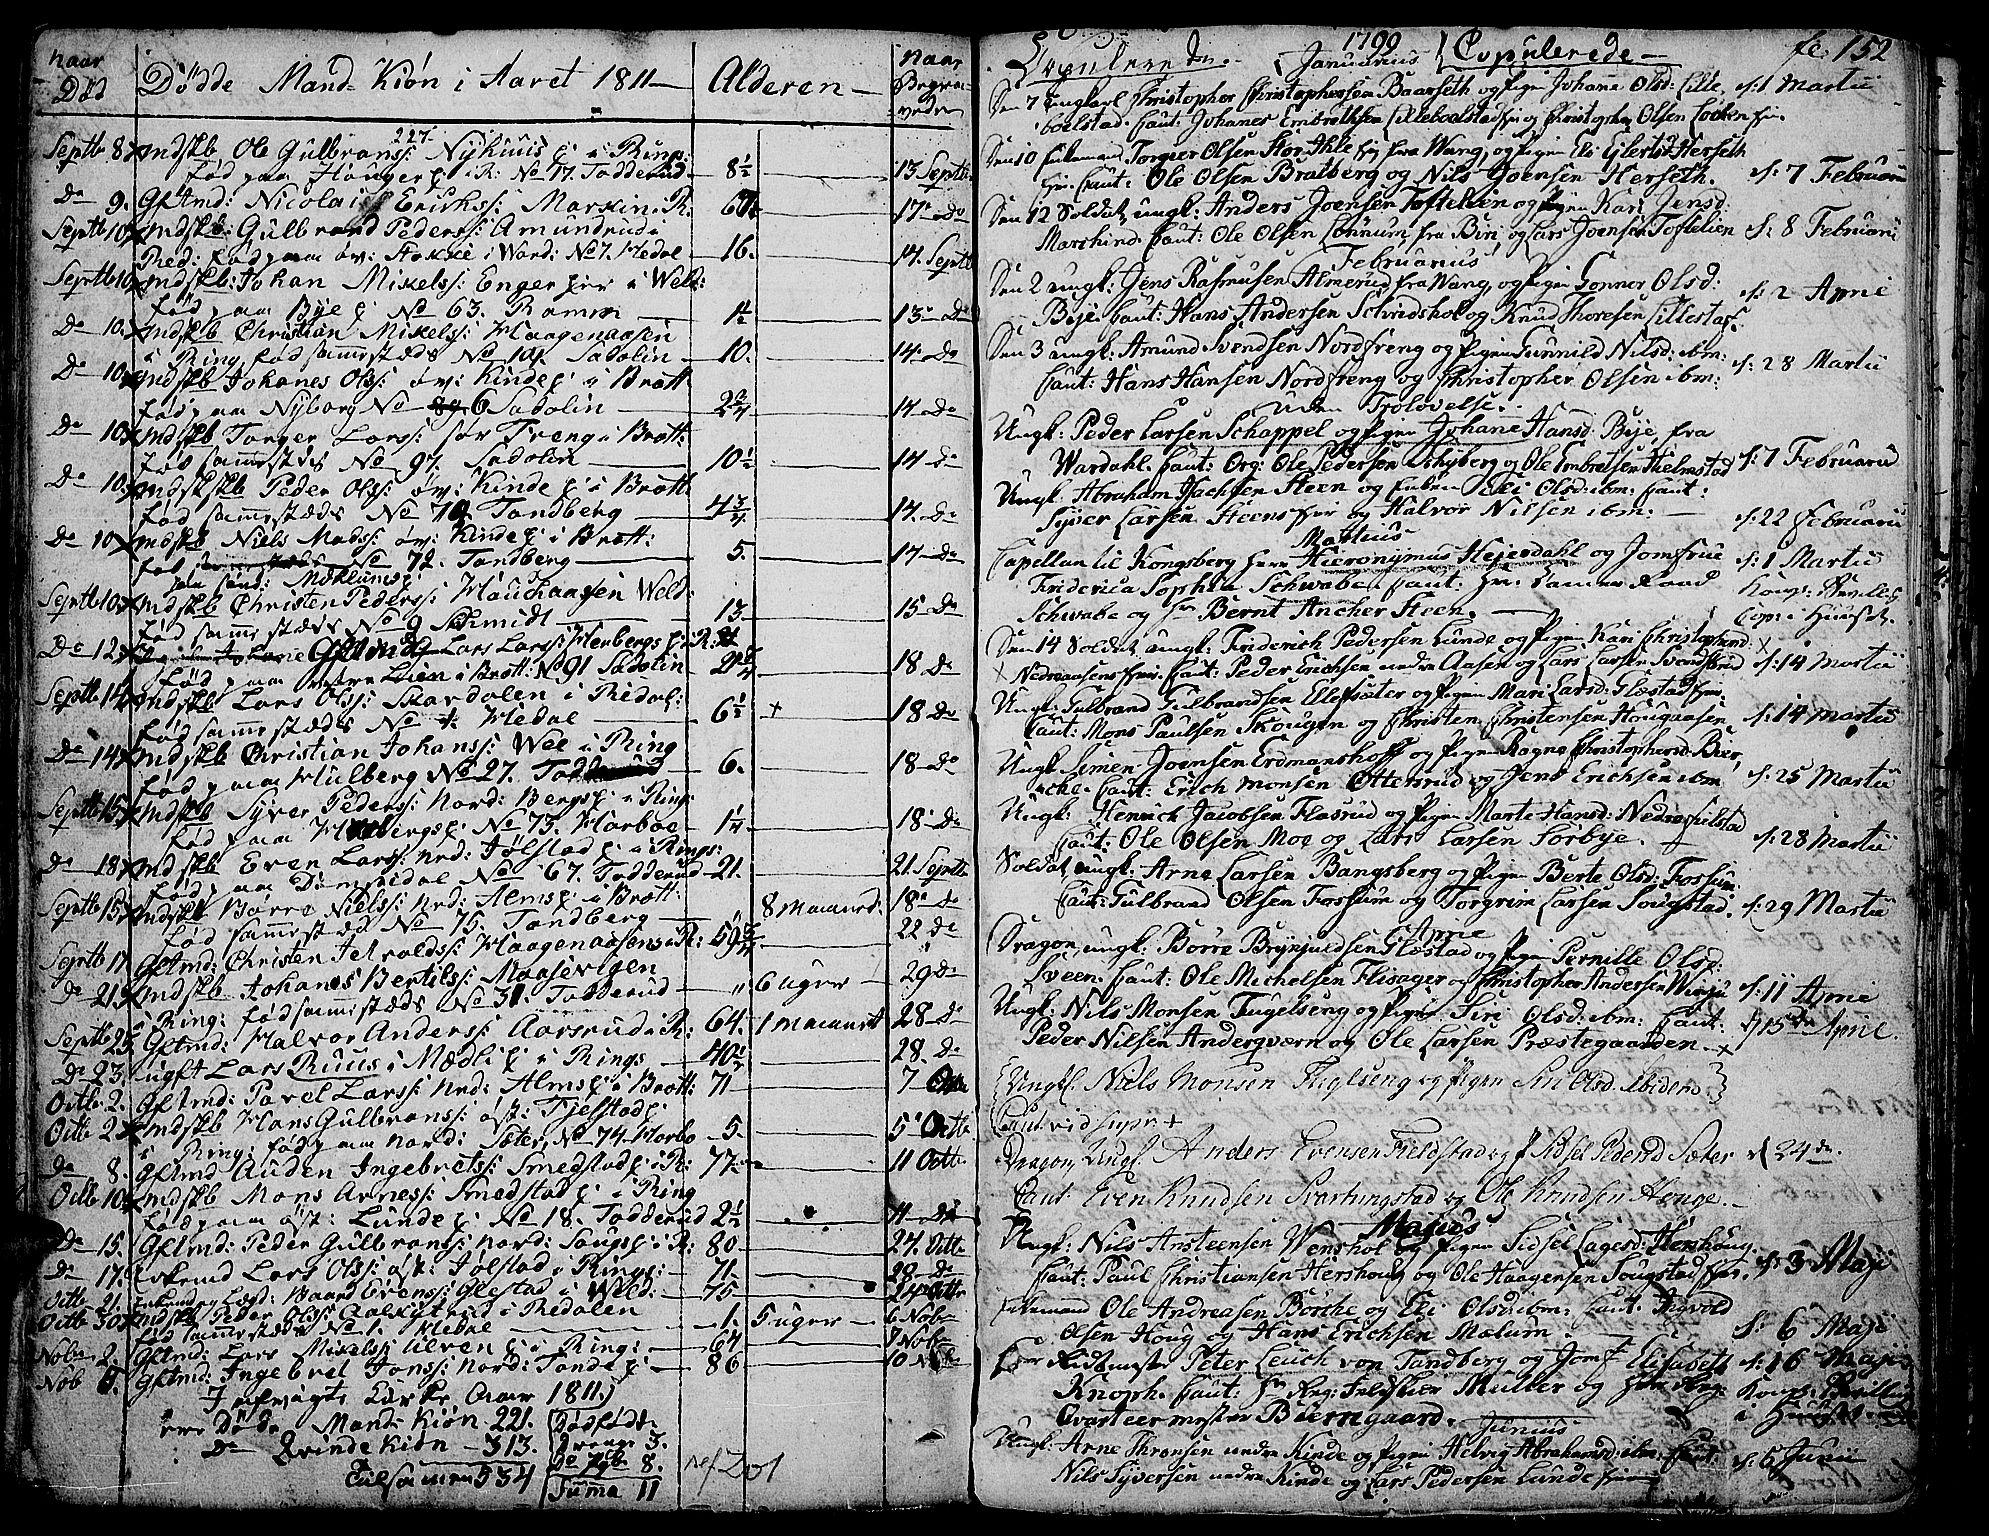 SAH, Ringsaker prestekontor, K/Ka/L0004: Ministerialbok nr. 4, 1799-1814, s. 152